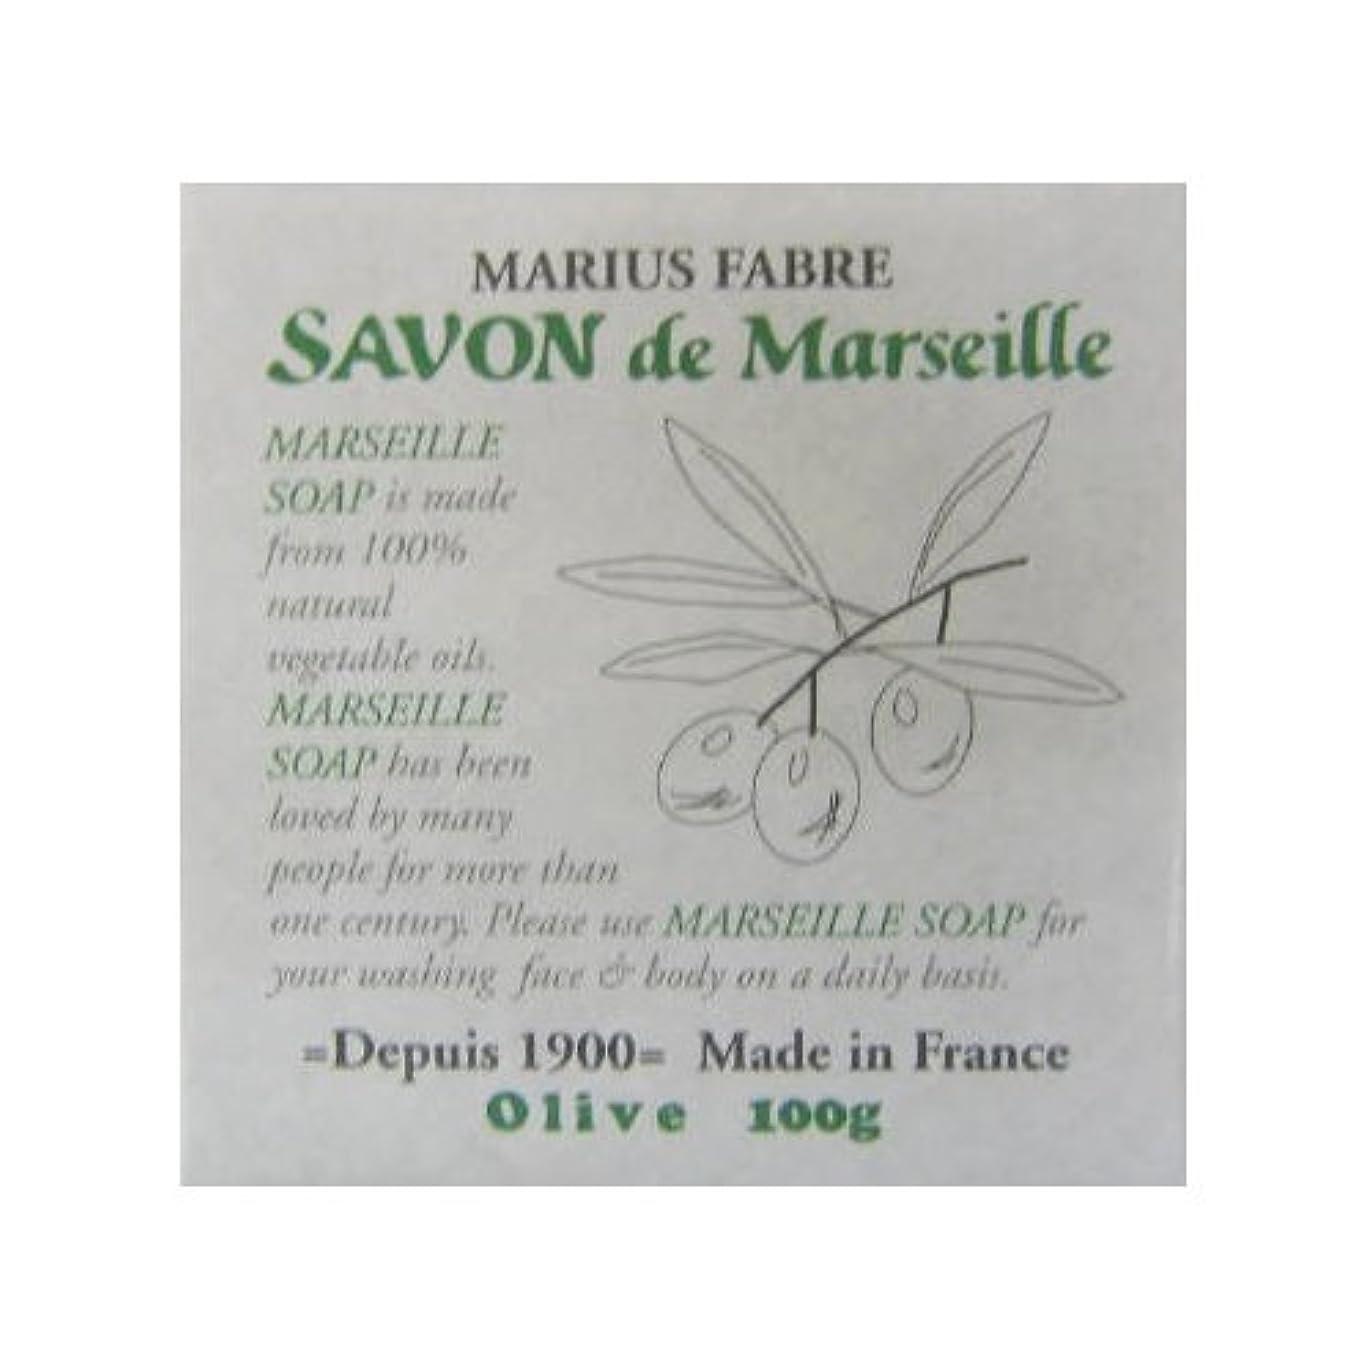 指標ダーベビルのテス気楽なサボン ド マルセイユ オリーブ 100g